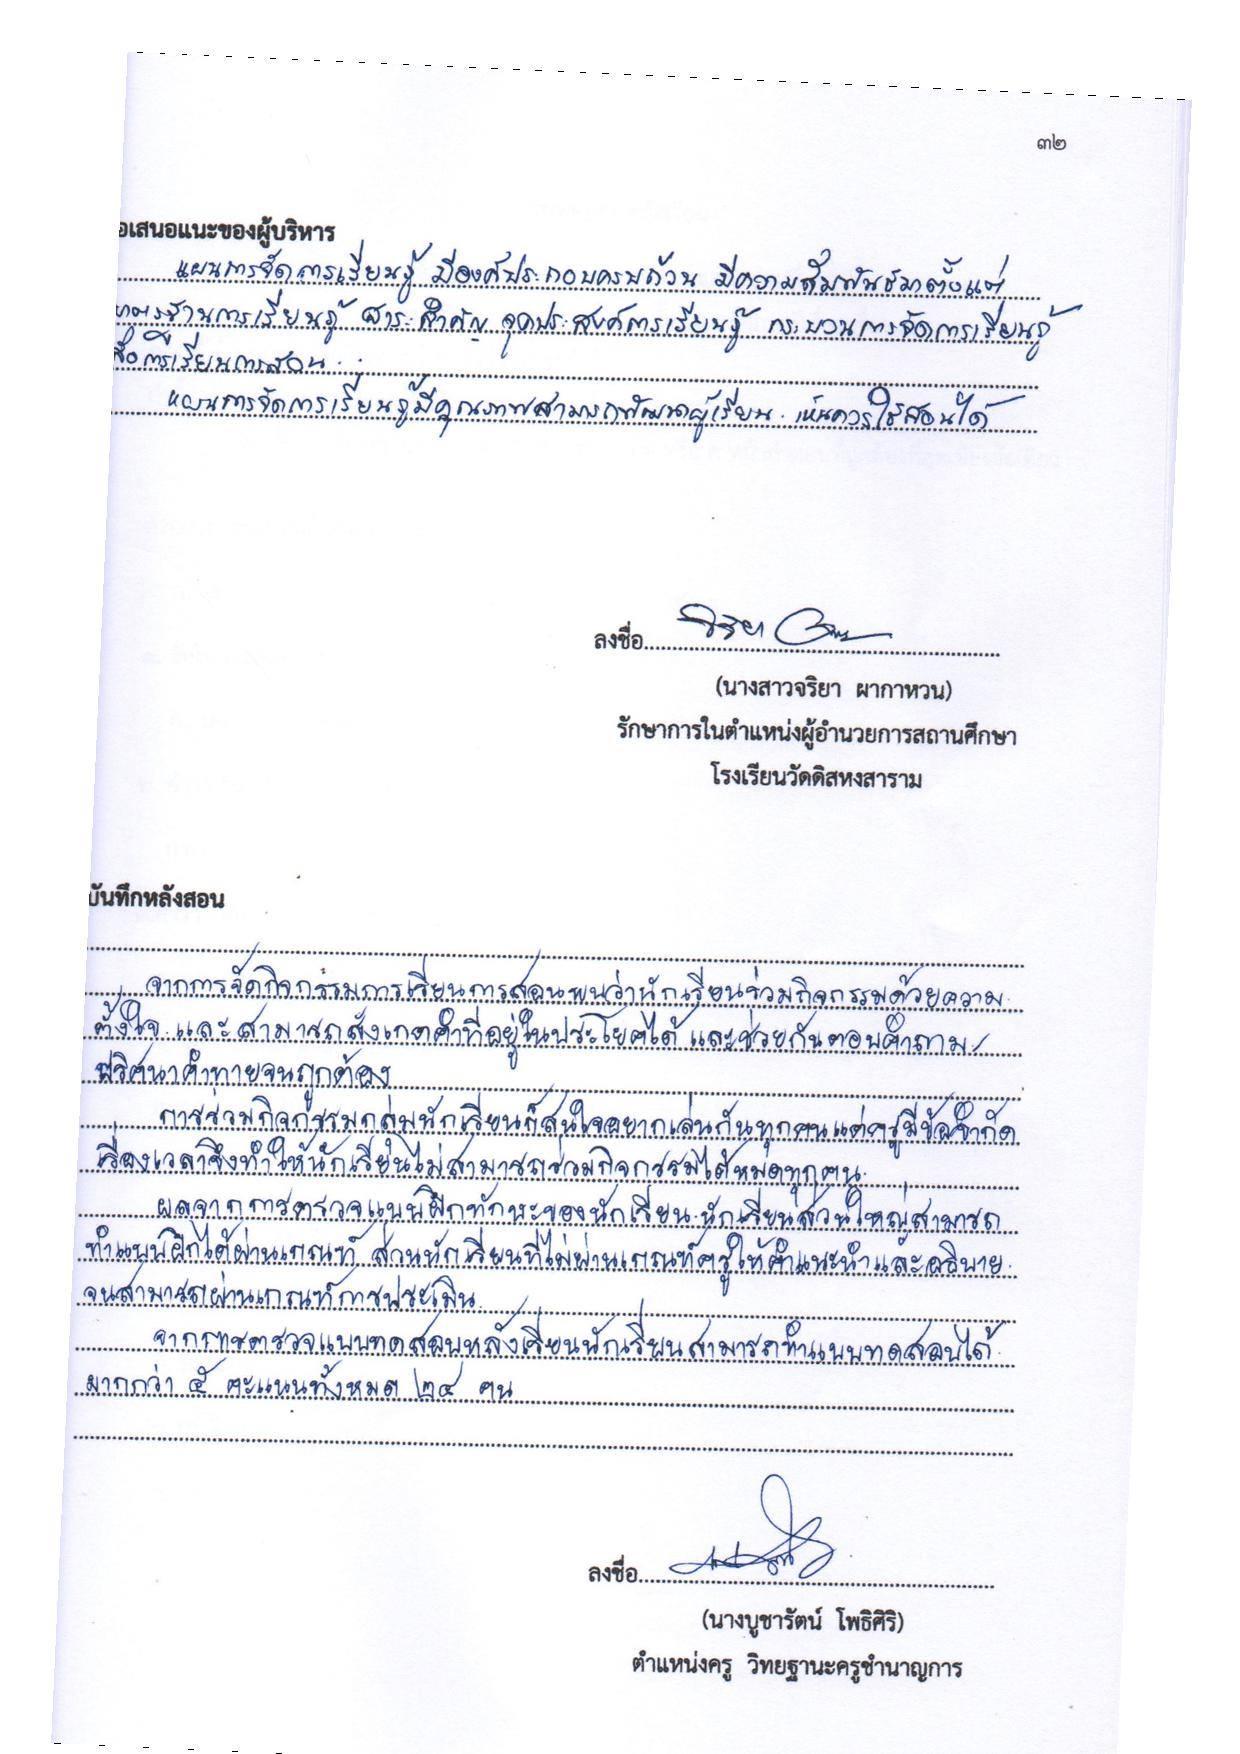 ตัวอย่างบันทึกข้อเสนอแนะของผู้บริหาร และหลักการบันทึกหลังแผน เครดิตครูบูชารัตน์ โพธิศิริ